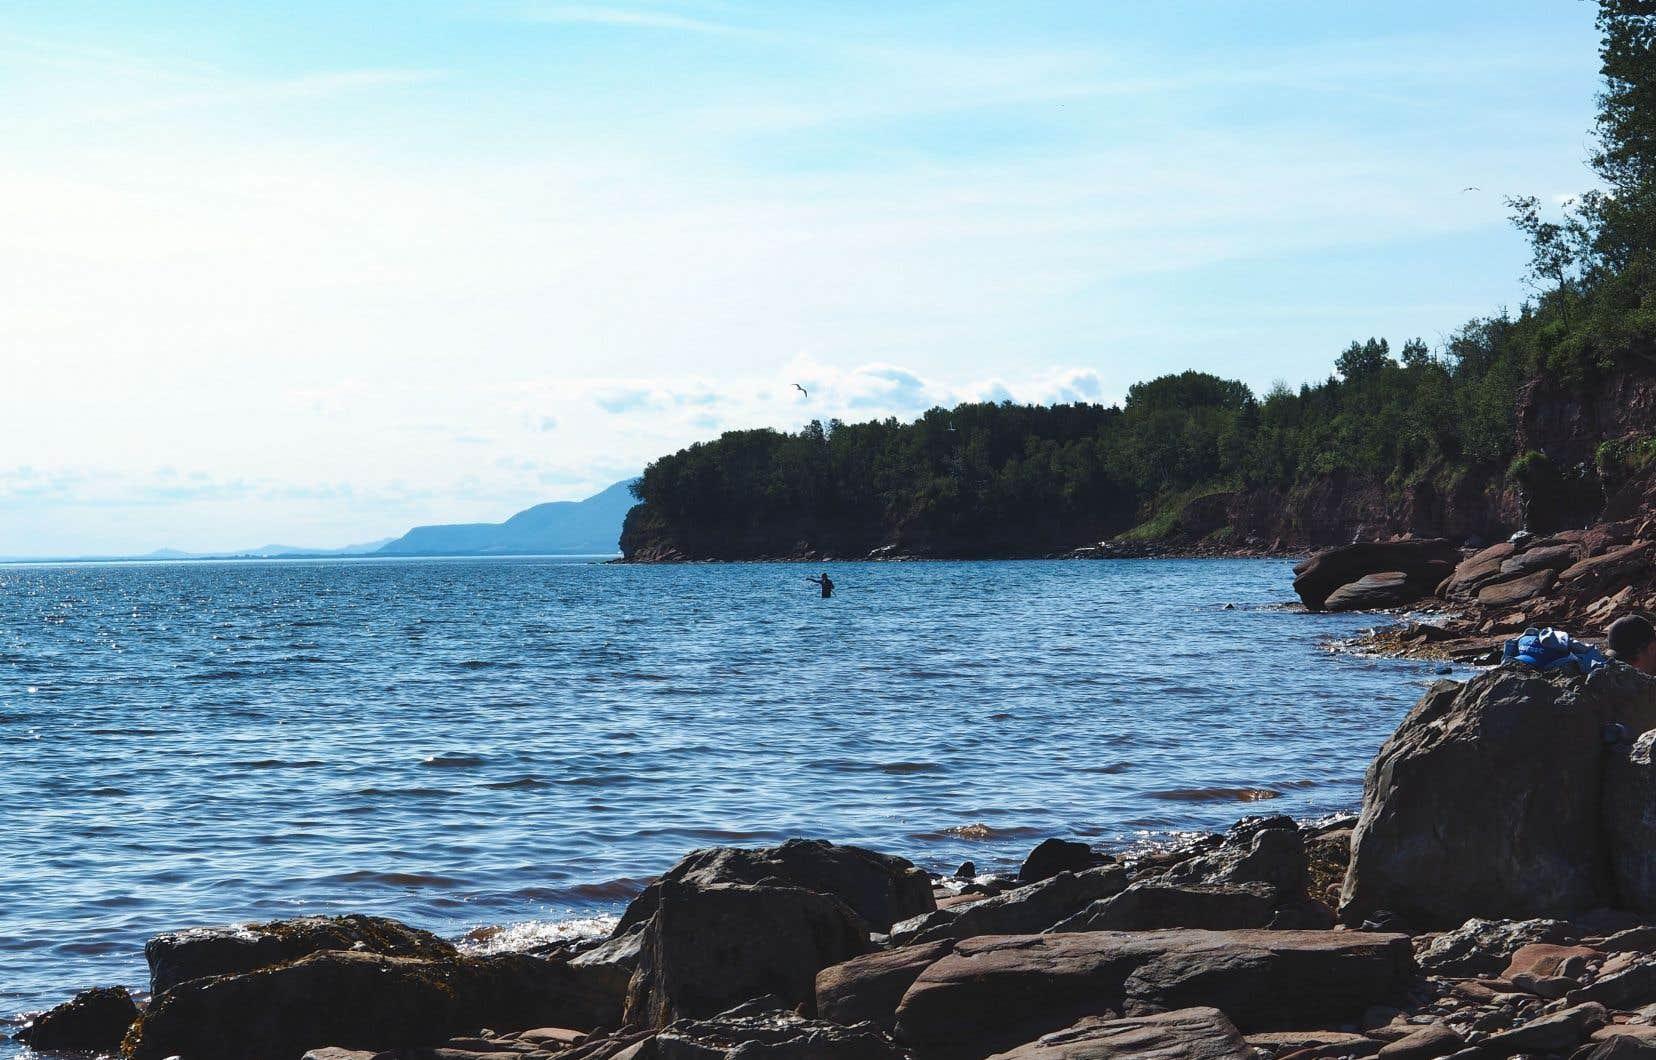 La baie des Chaleurs vue depuis la rive de la municipalité deCaplan